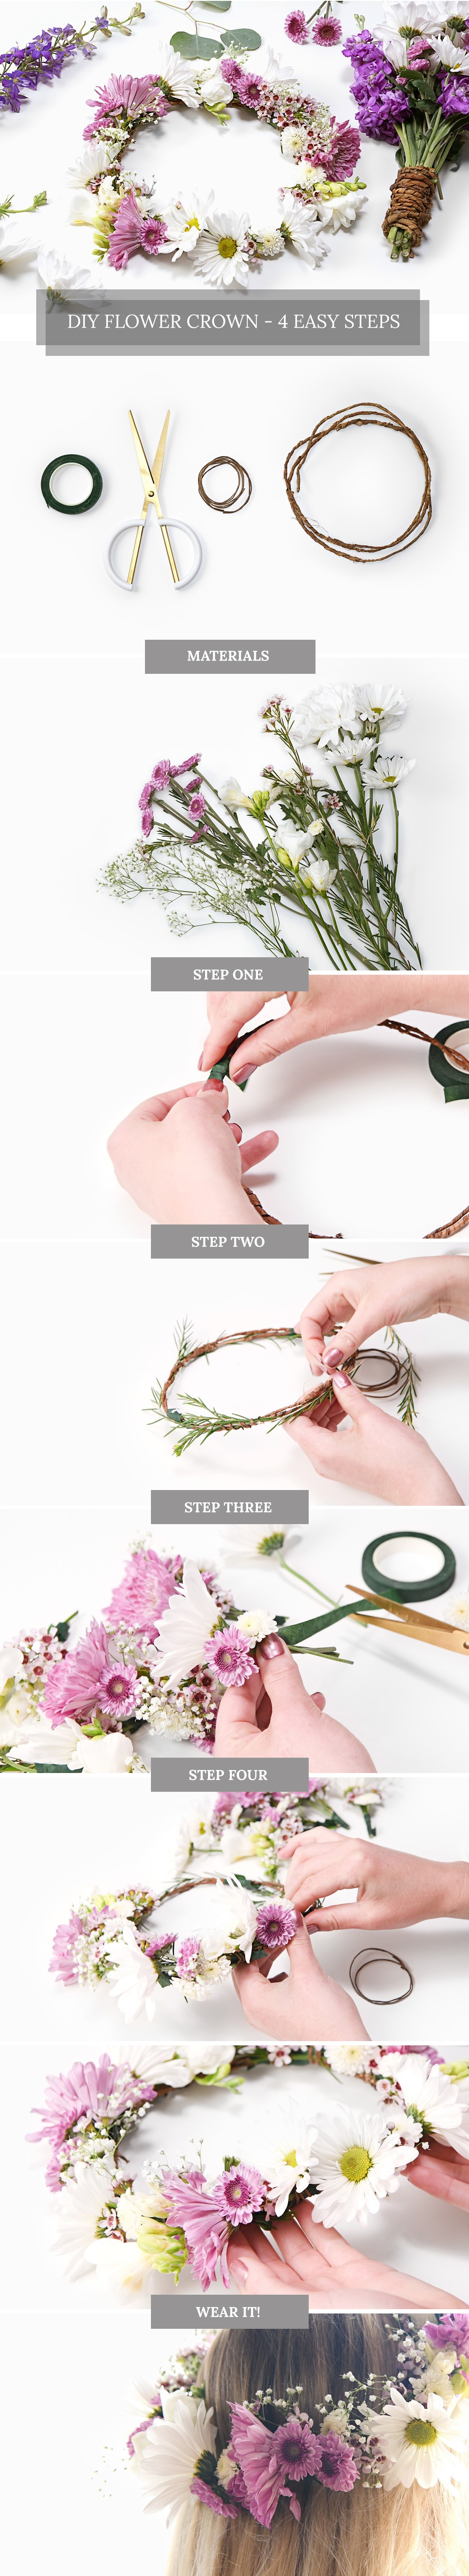 Flower Crown DIY 4 Easy Steps